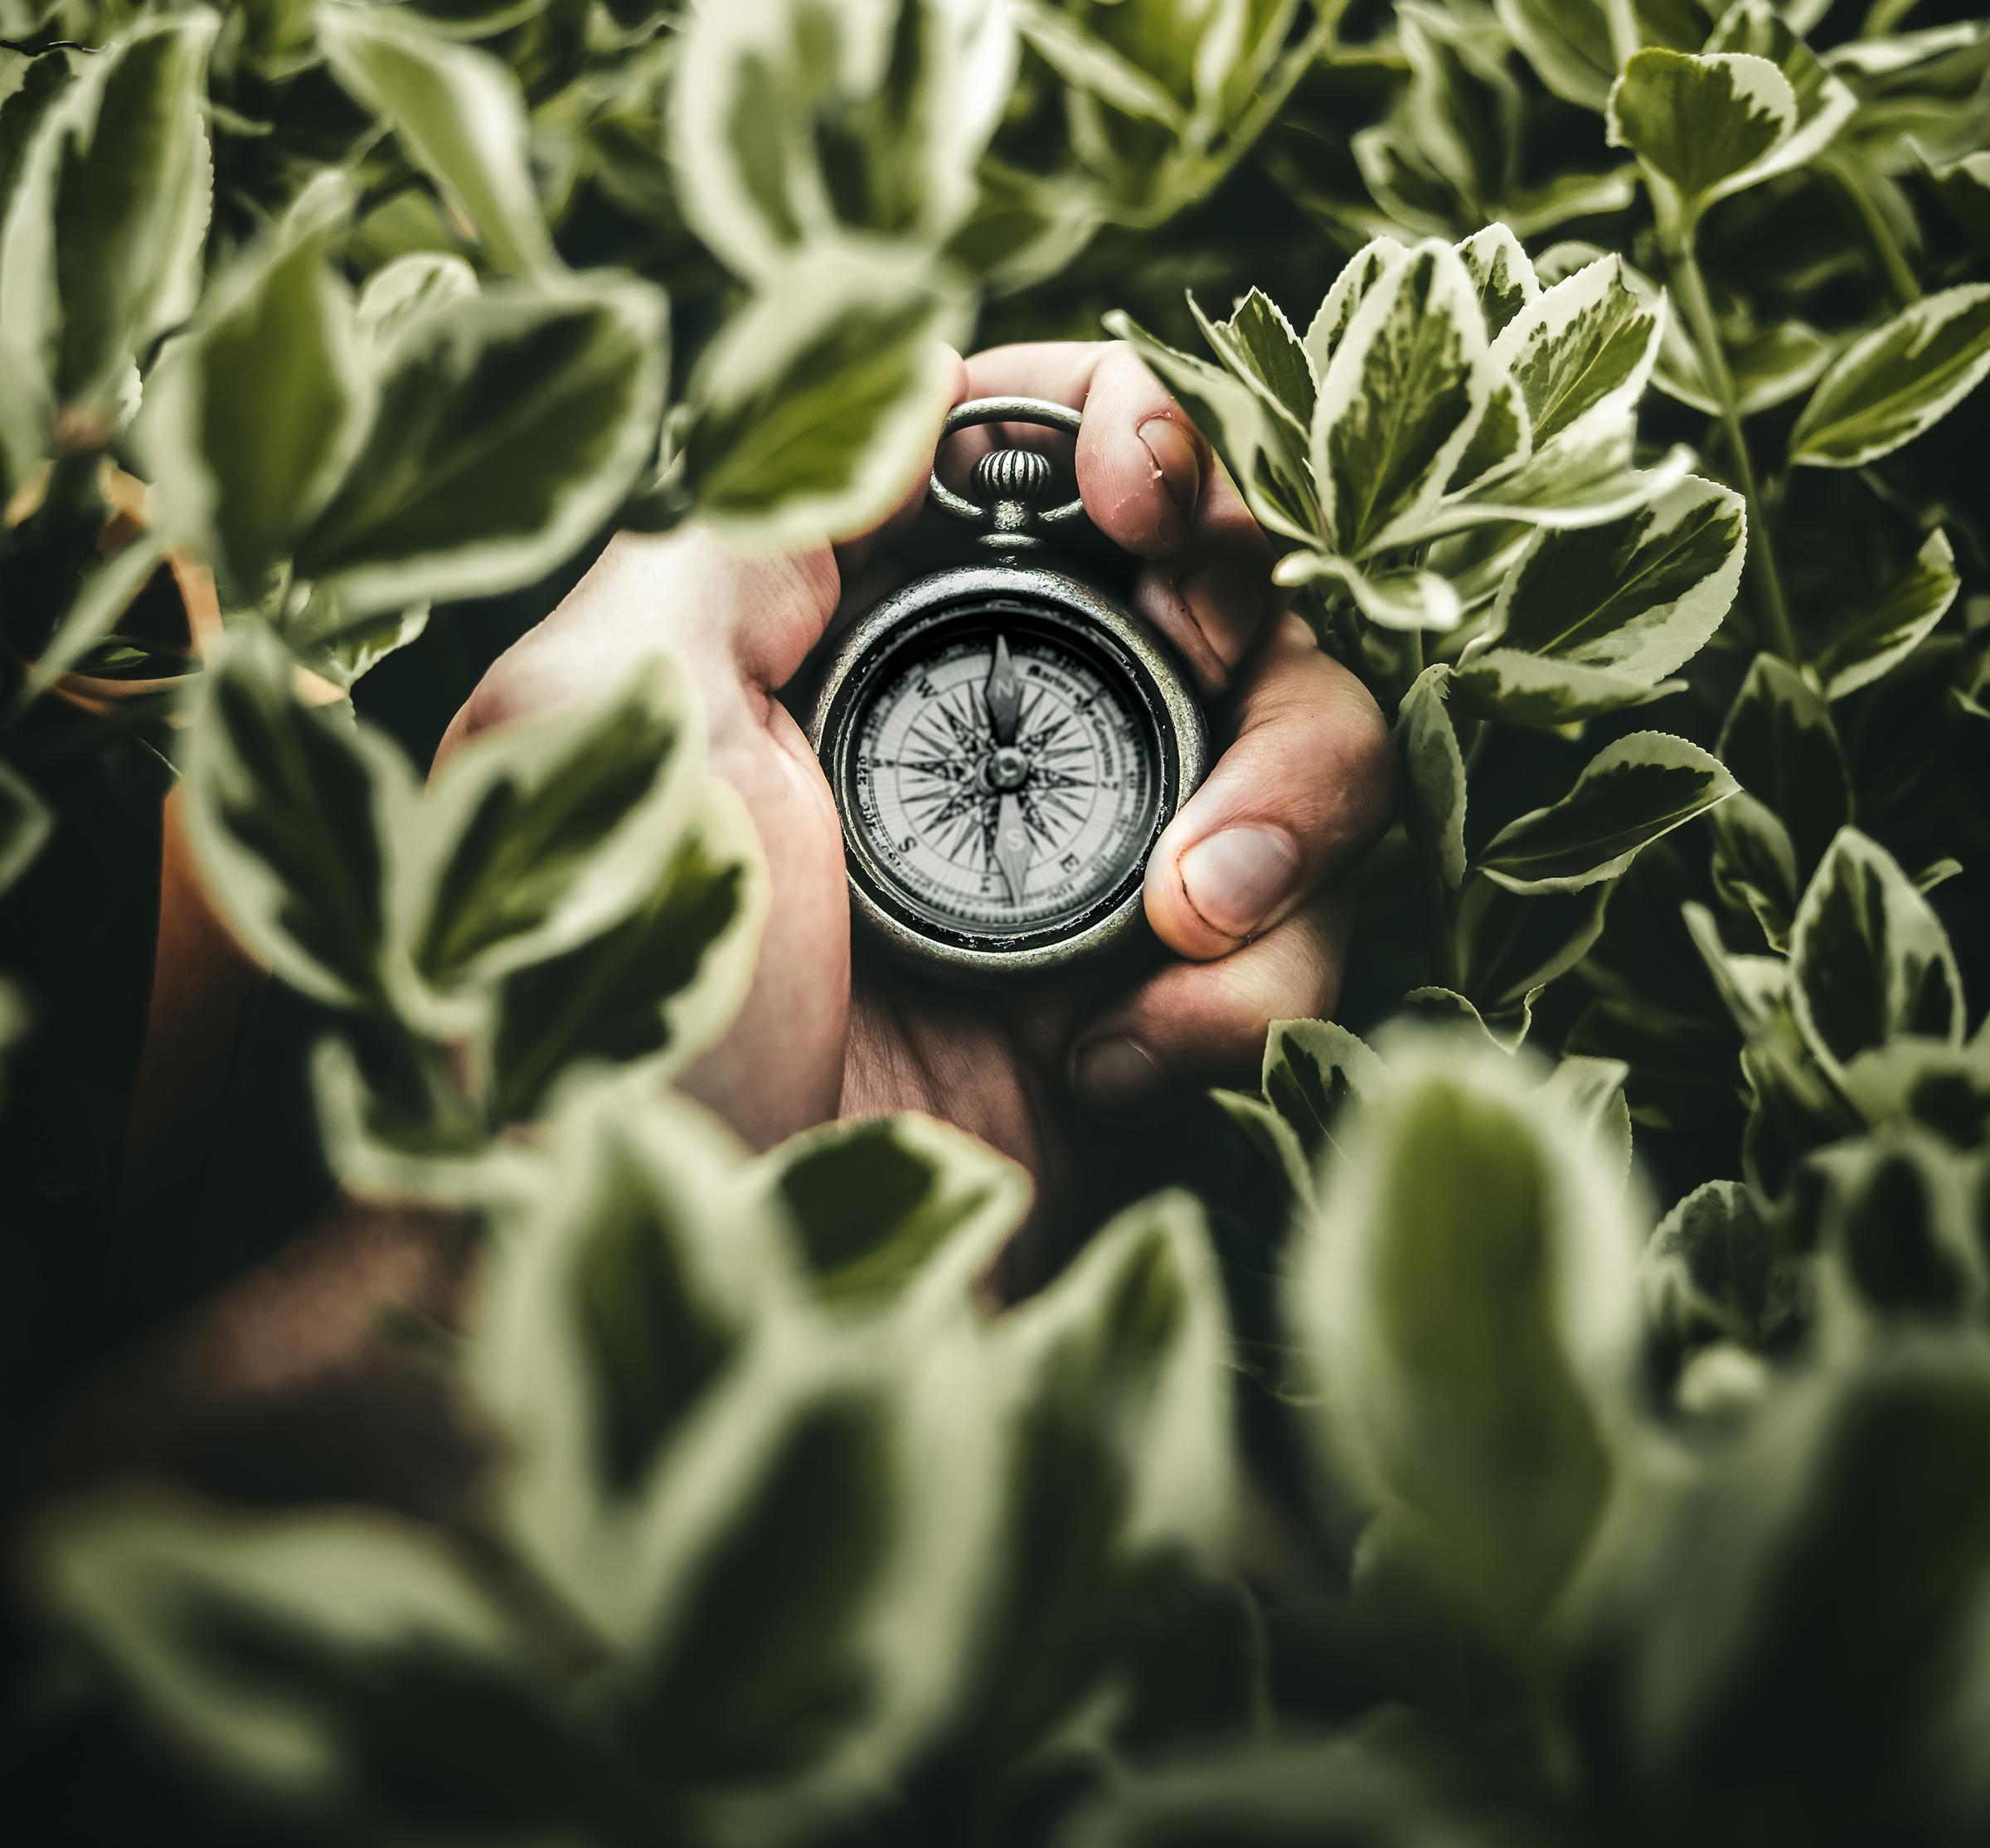 Heb jij een loopbaanplan? Start nu met het plannen van je loopbaan en zorg dat je dat werk kan doen waar je plezier van krijgt.